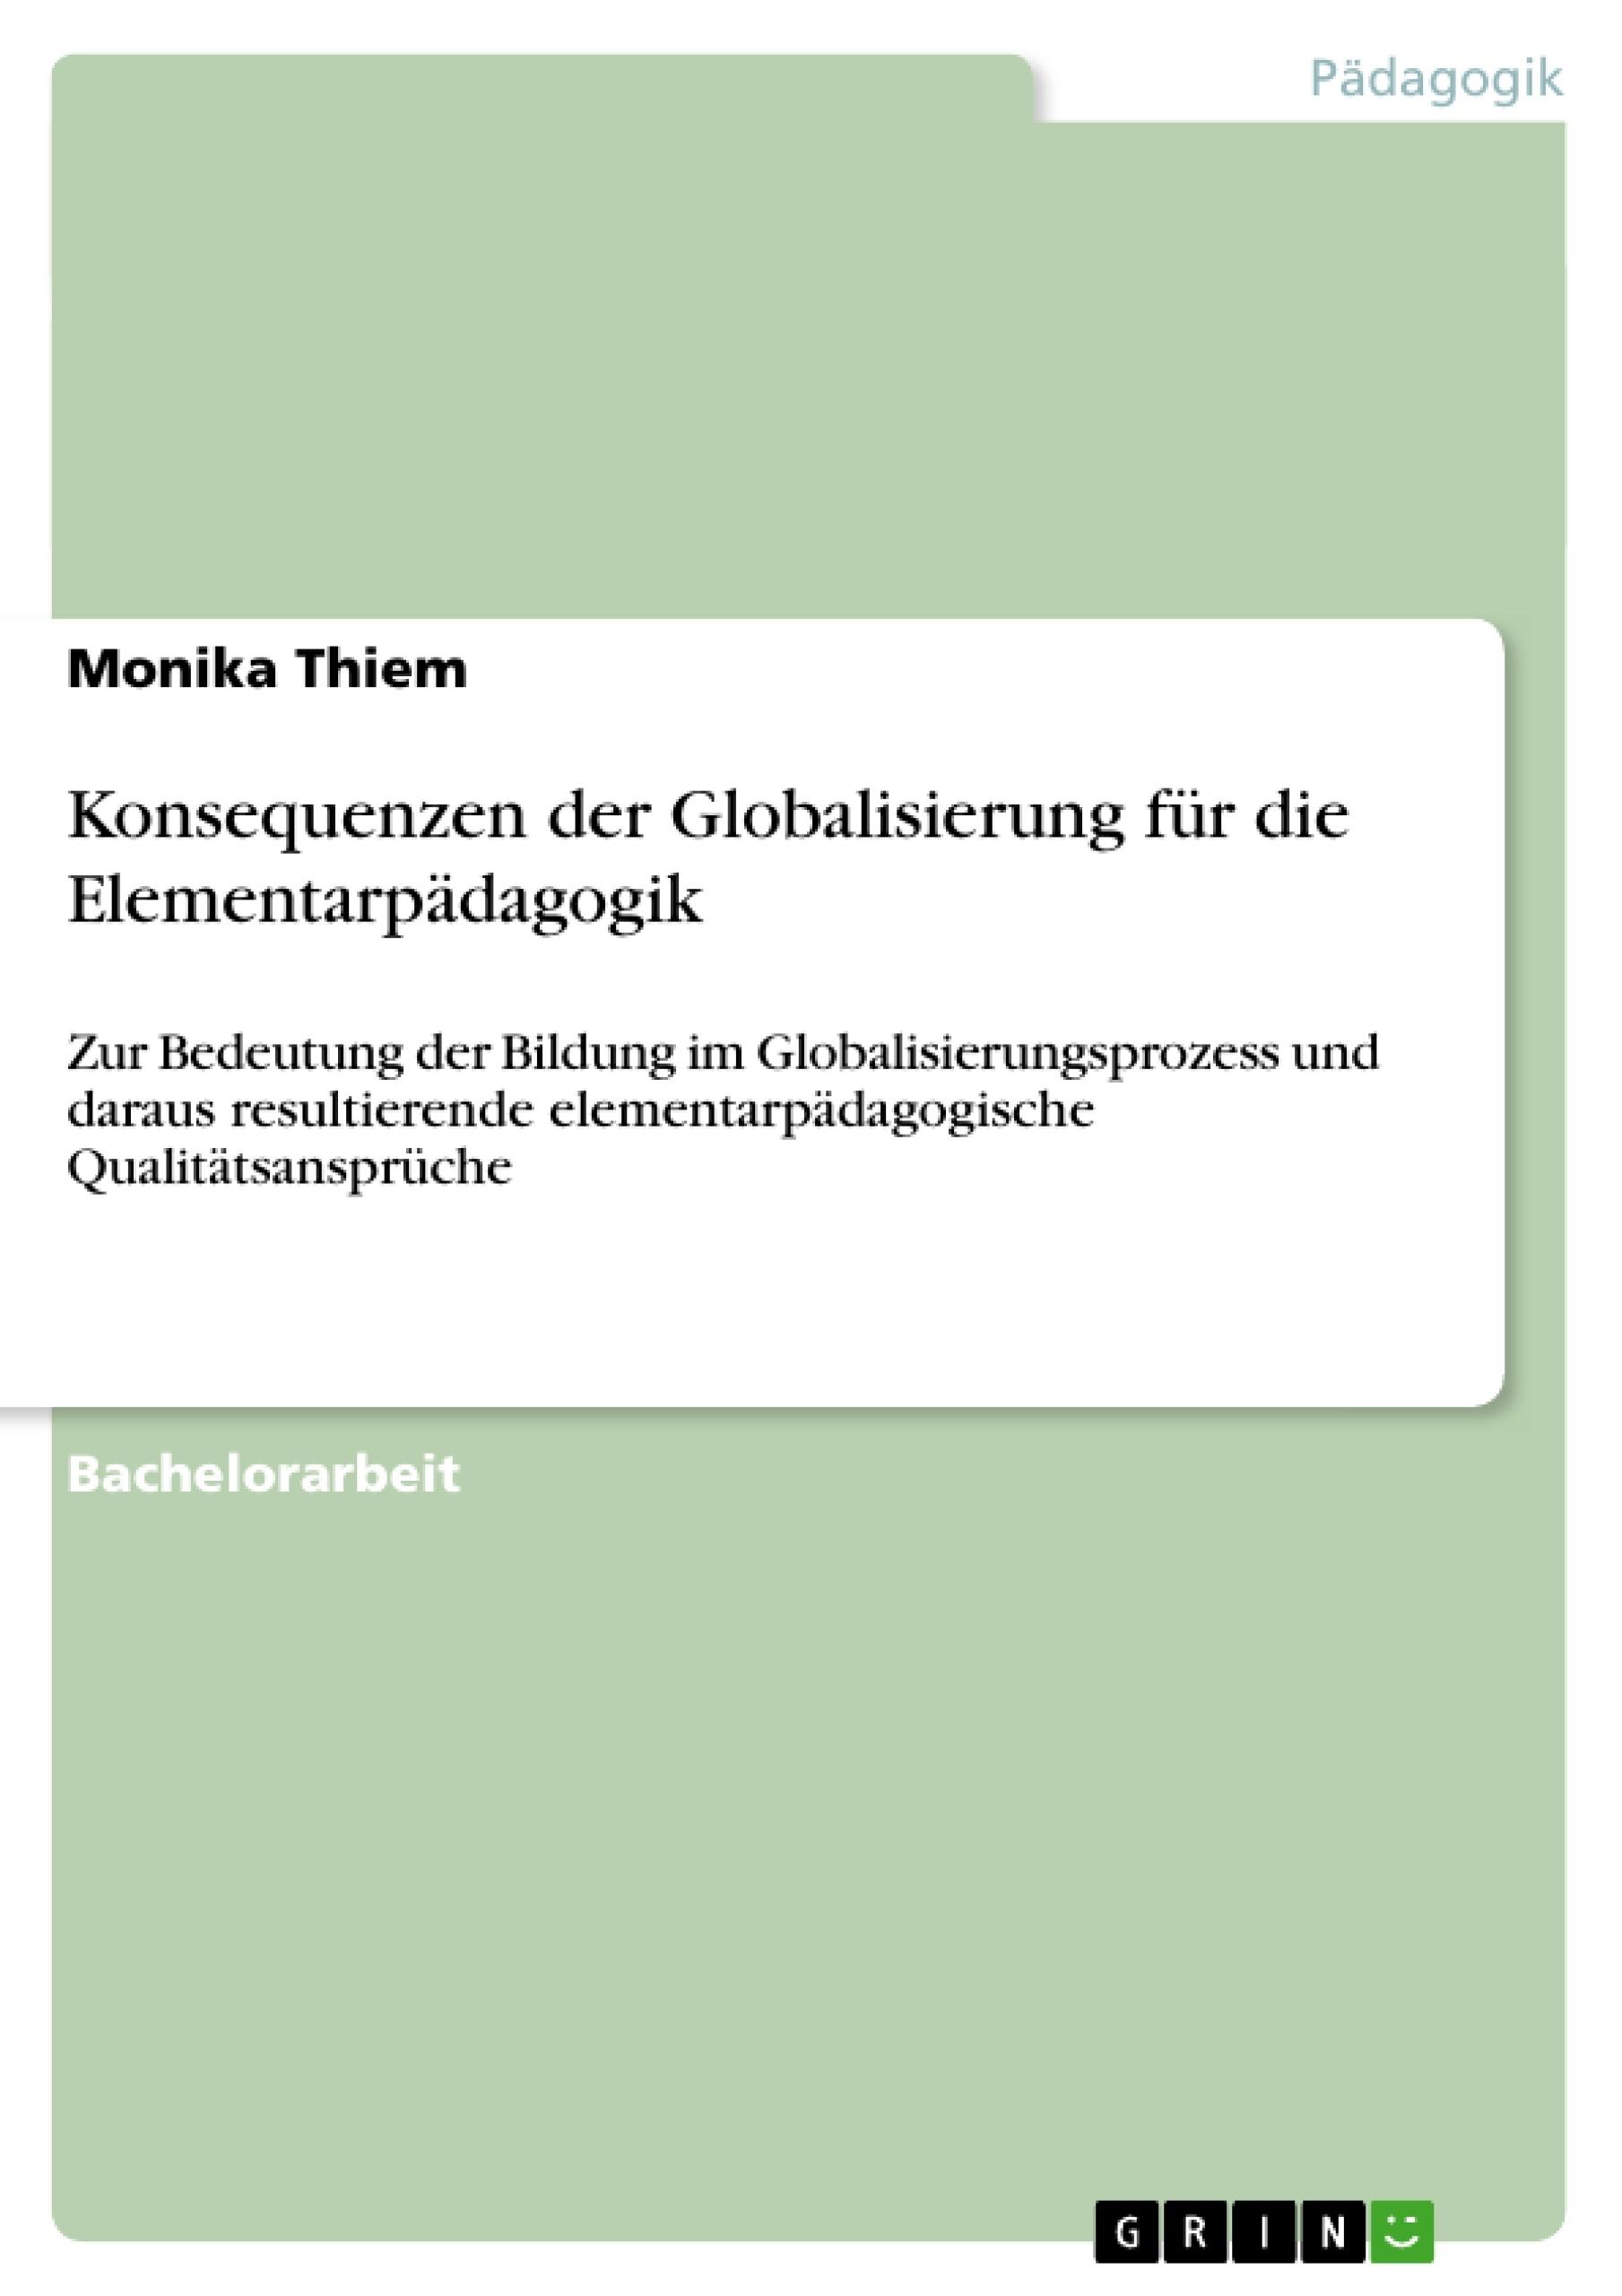 Titel: Konsequenzen der Globalisierung für die Elementarpädagogik